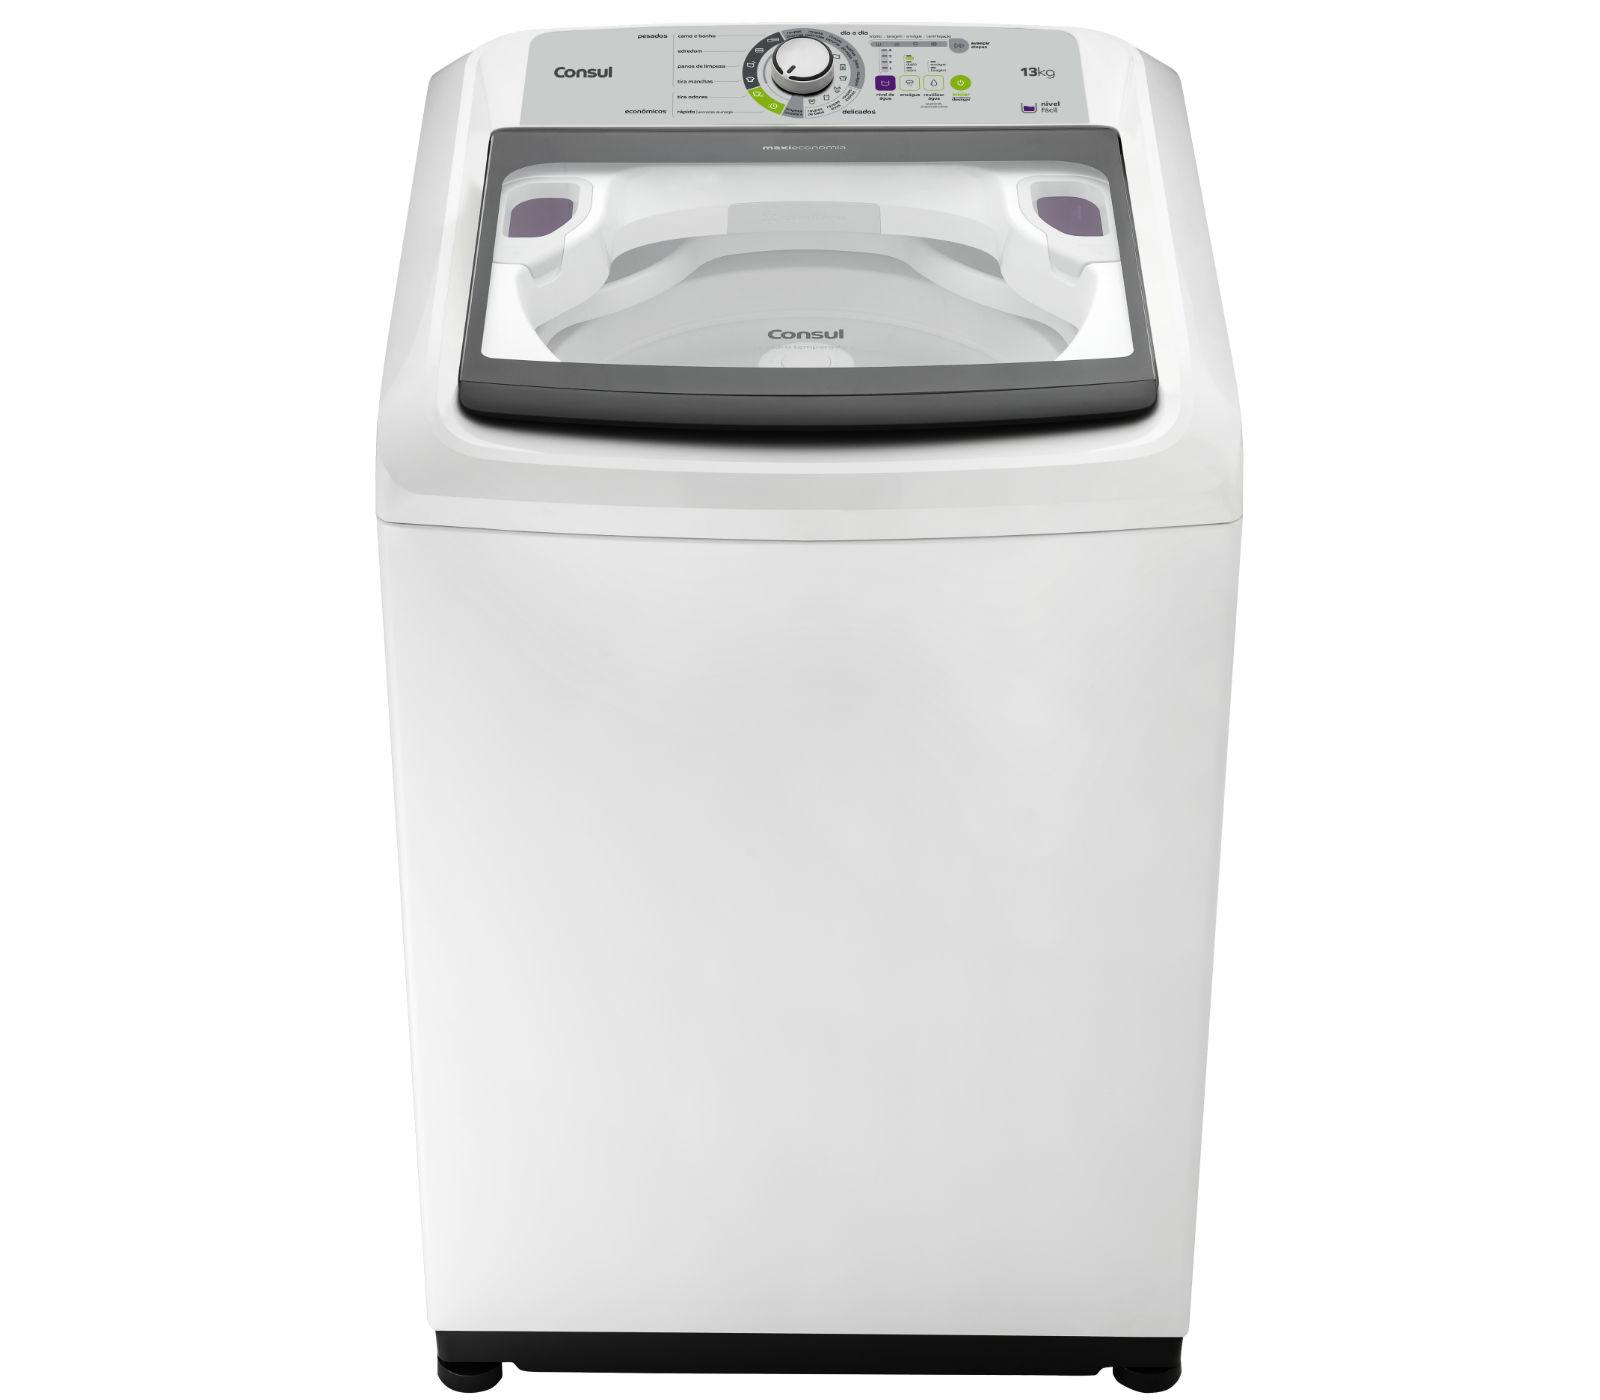 Maquina de Lavar Consul 13kg Maxi Economia com Funcao Eco Enxague - CWE13 110V